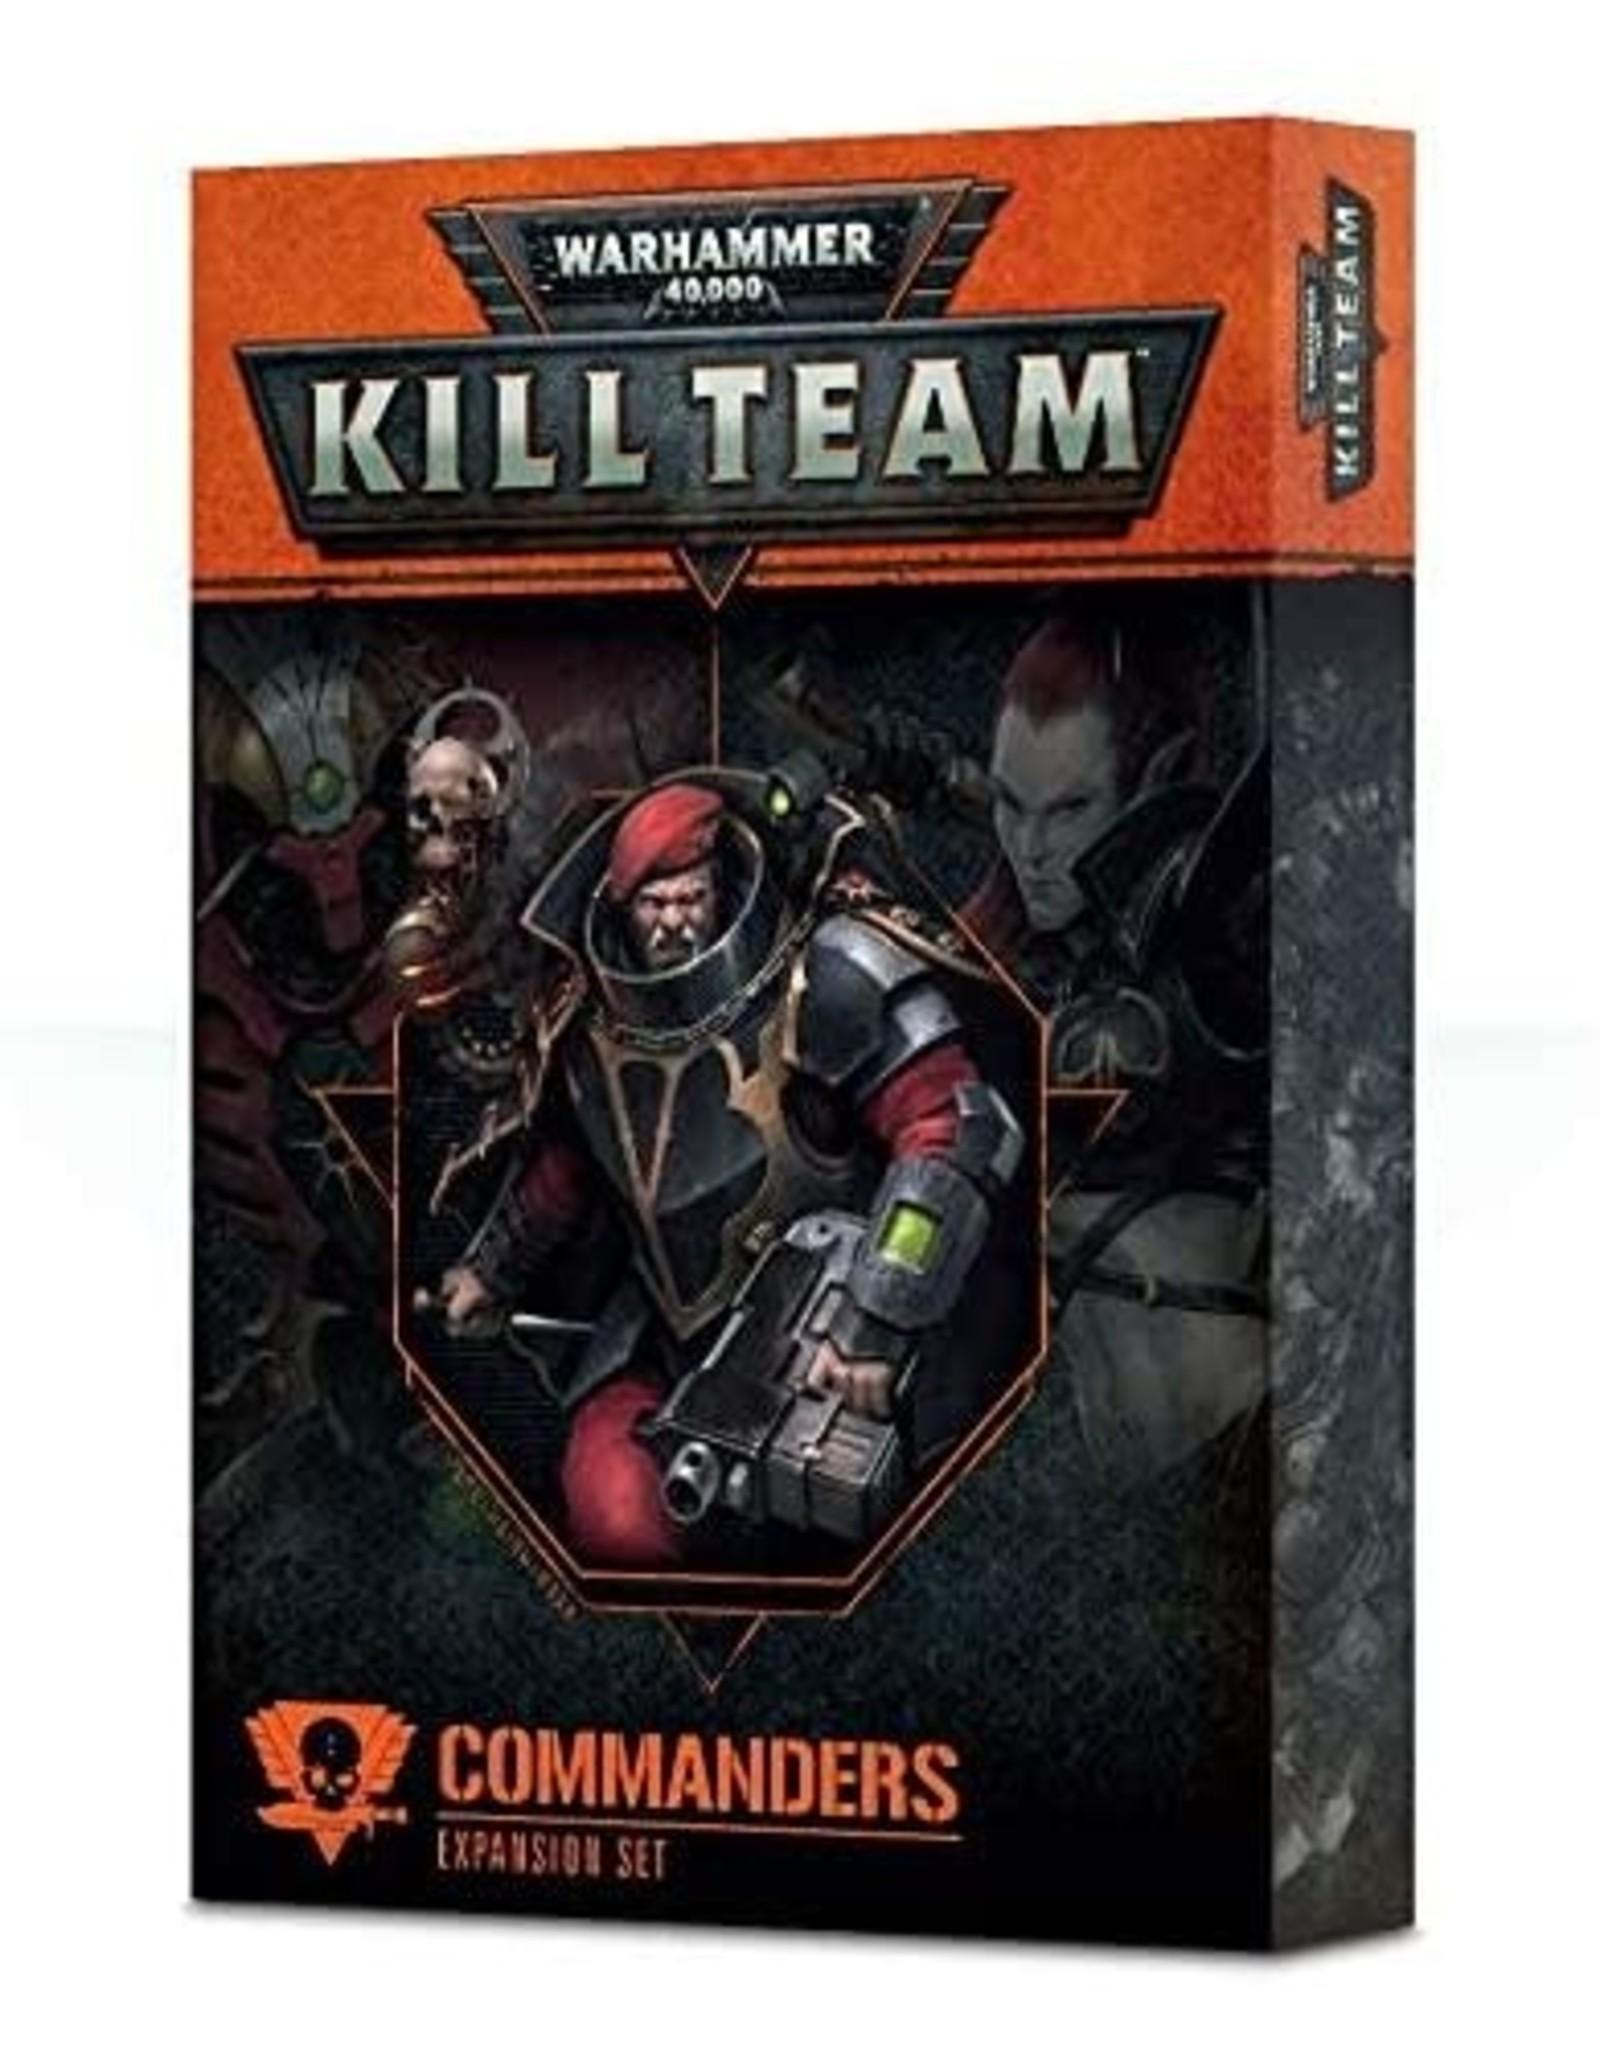 Games Workshop Kill Team Commander Expansion